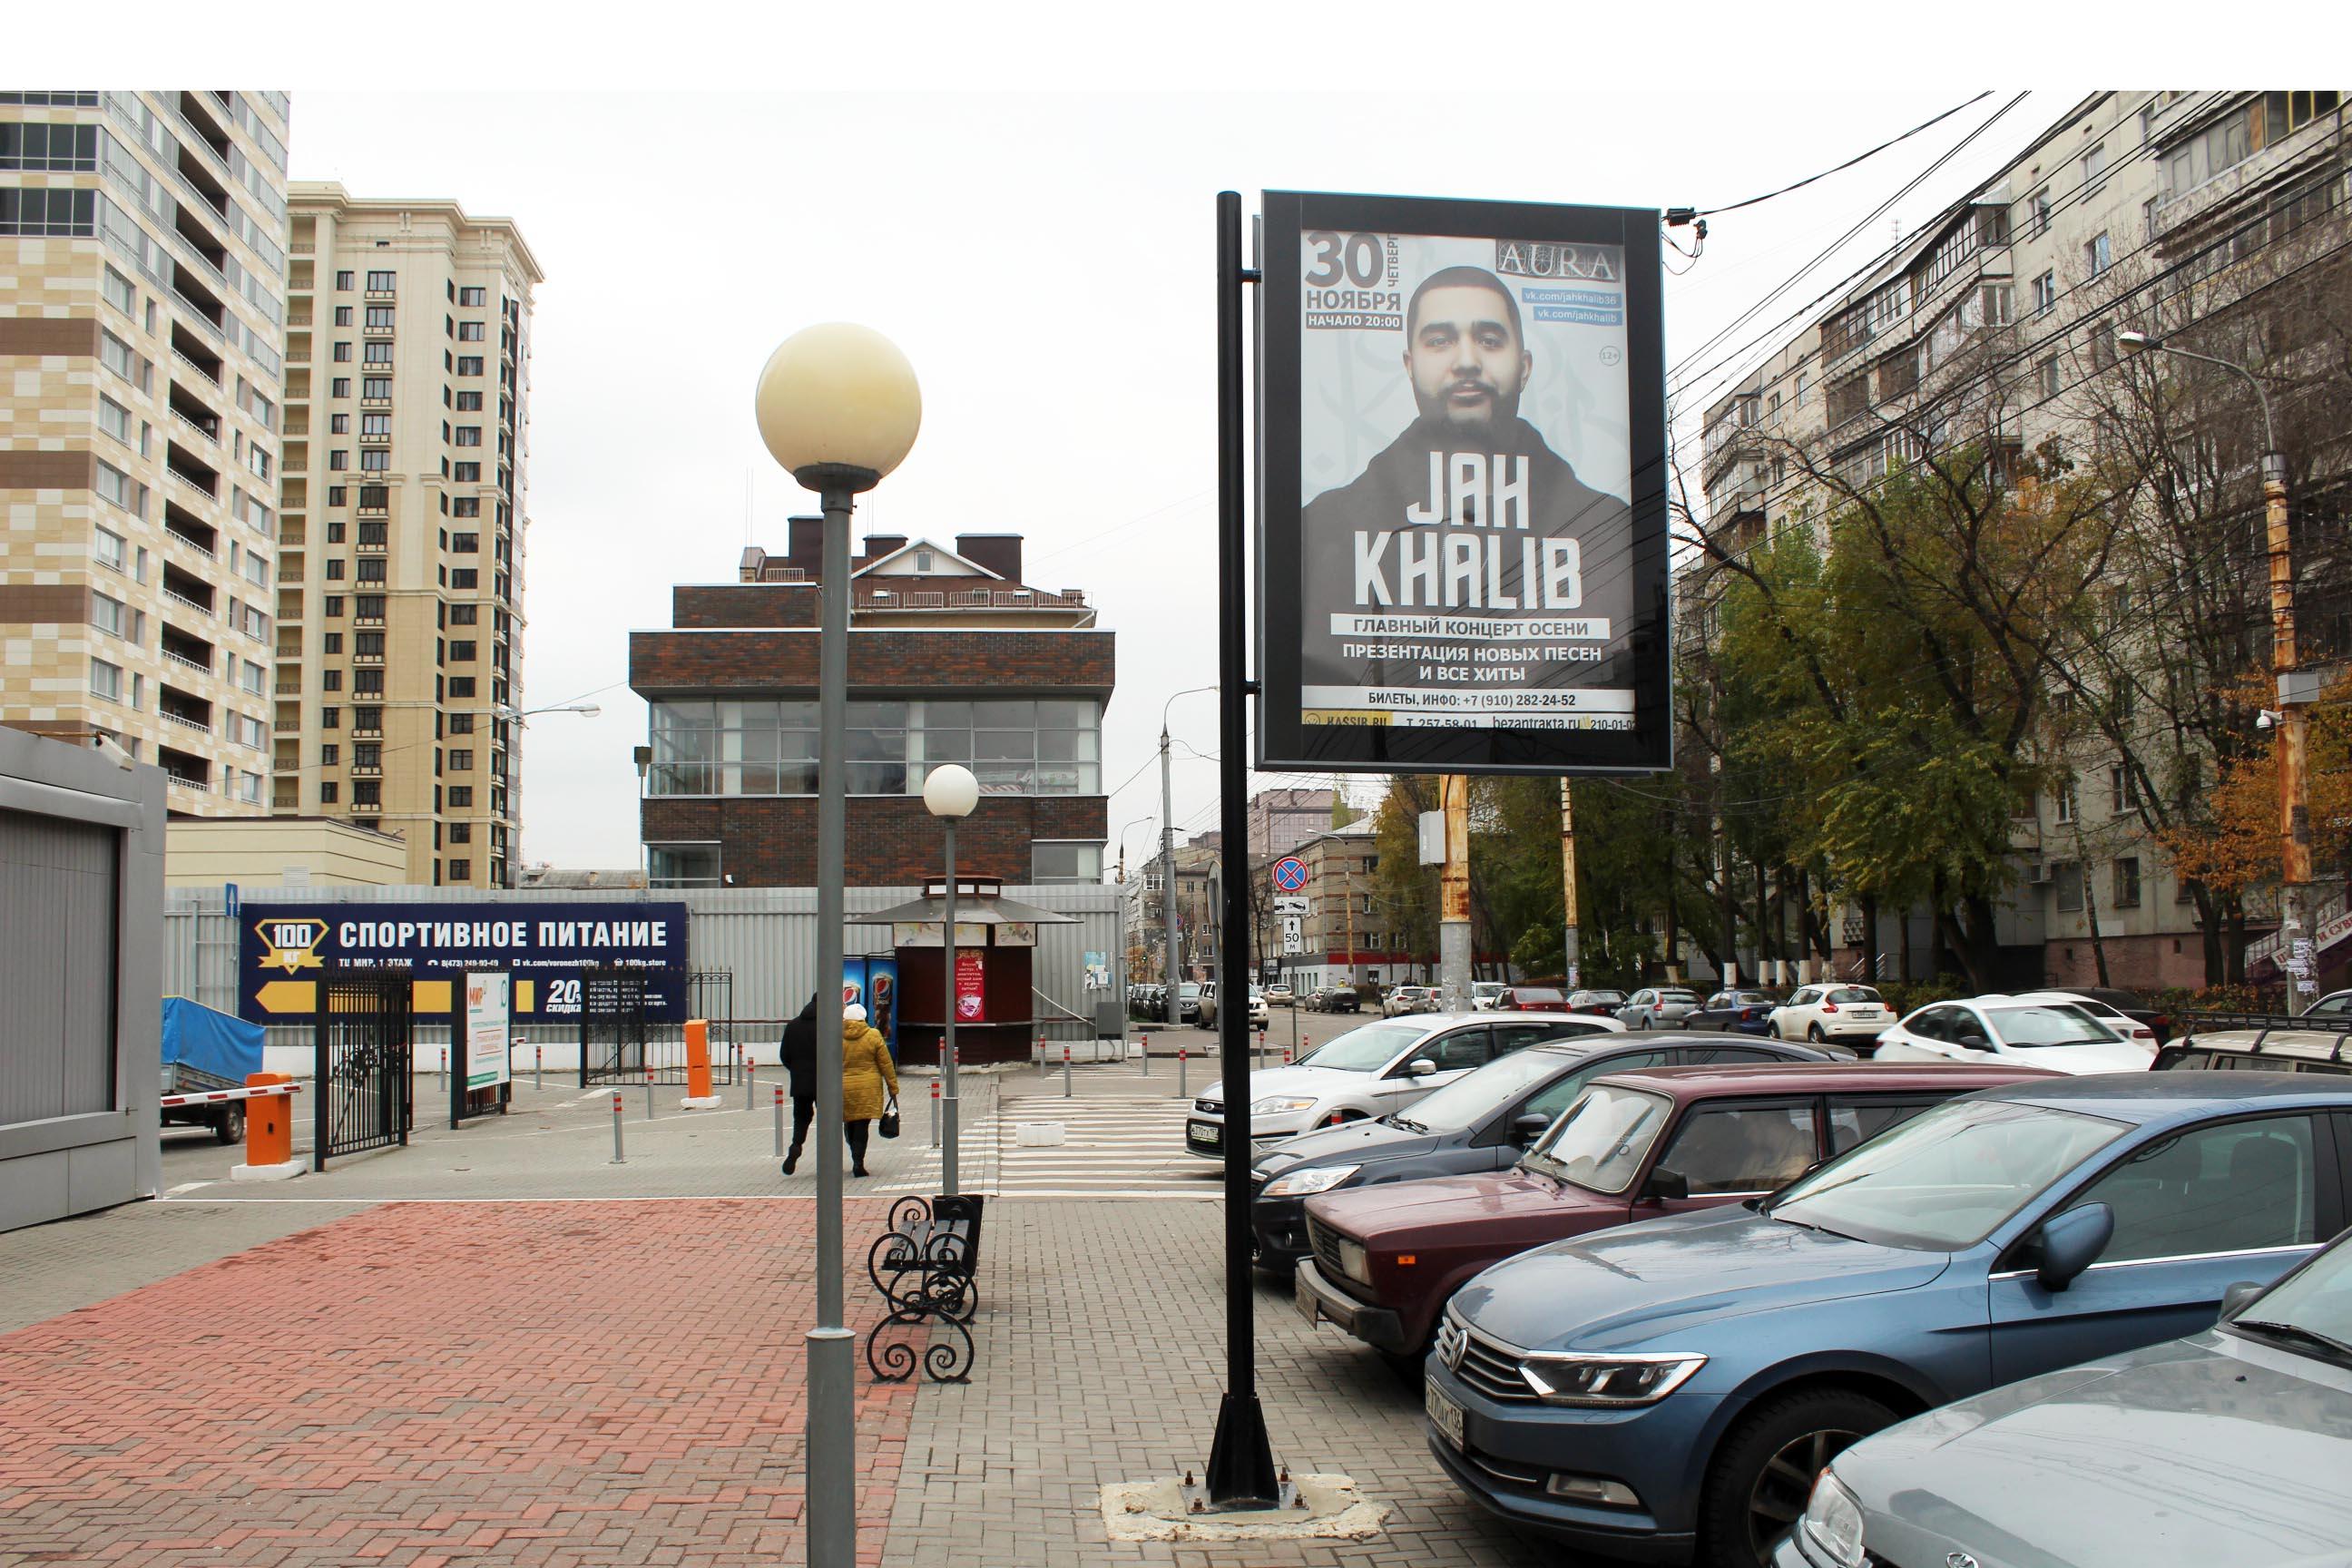 206В ул.Среднемосковская, д.32б ХОРЕКА